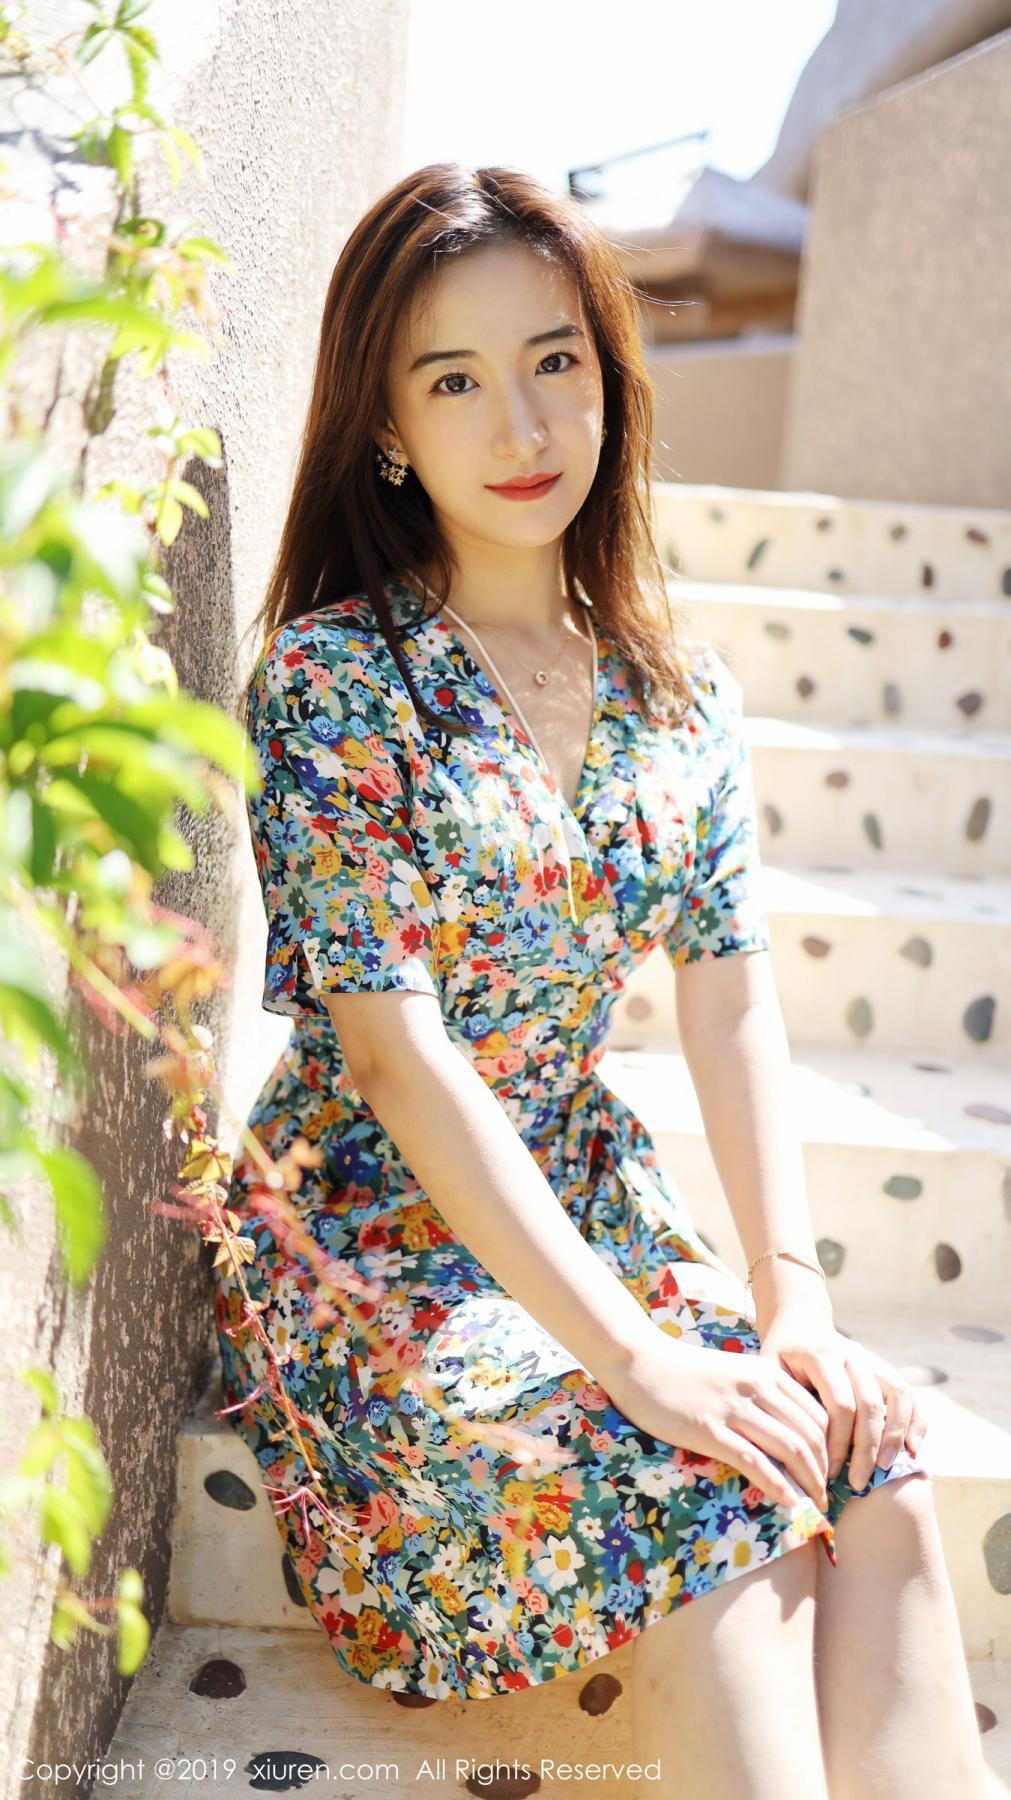 [XiuRen] Vol.1641 Gong Tian Yi 13P, Gong Tian Yi, Pretty, Temperament, Xiuren